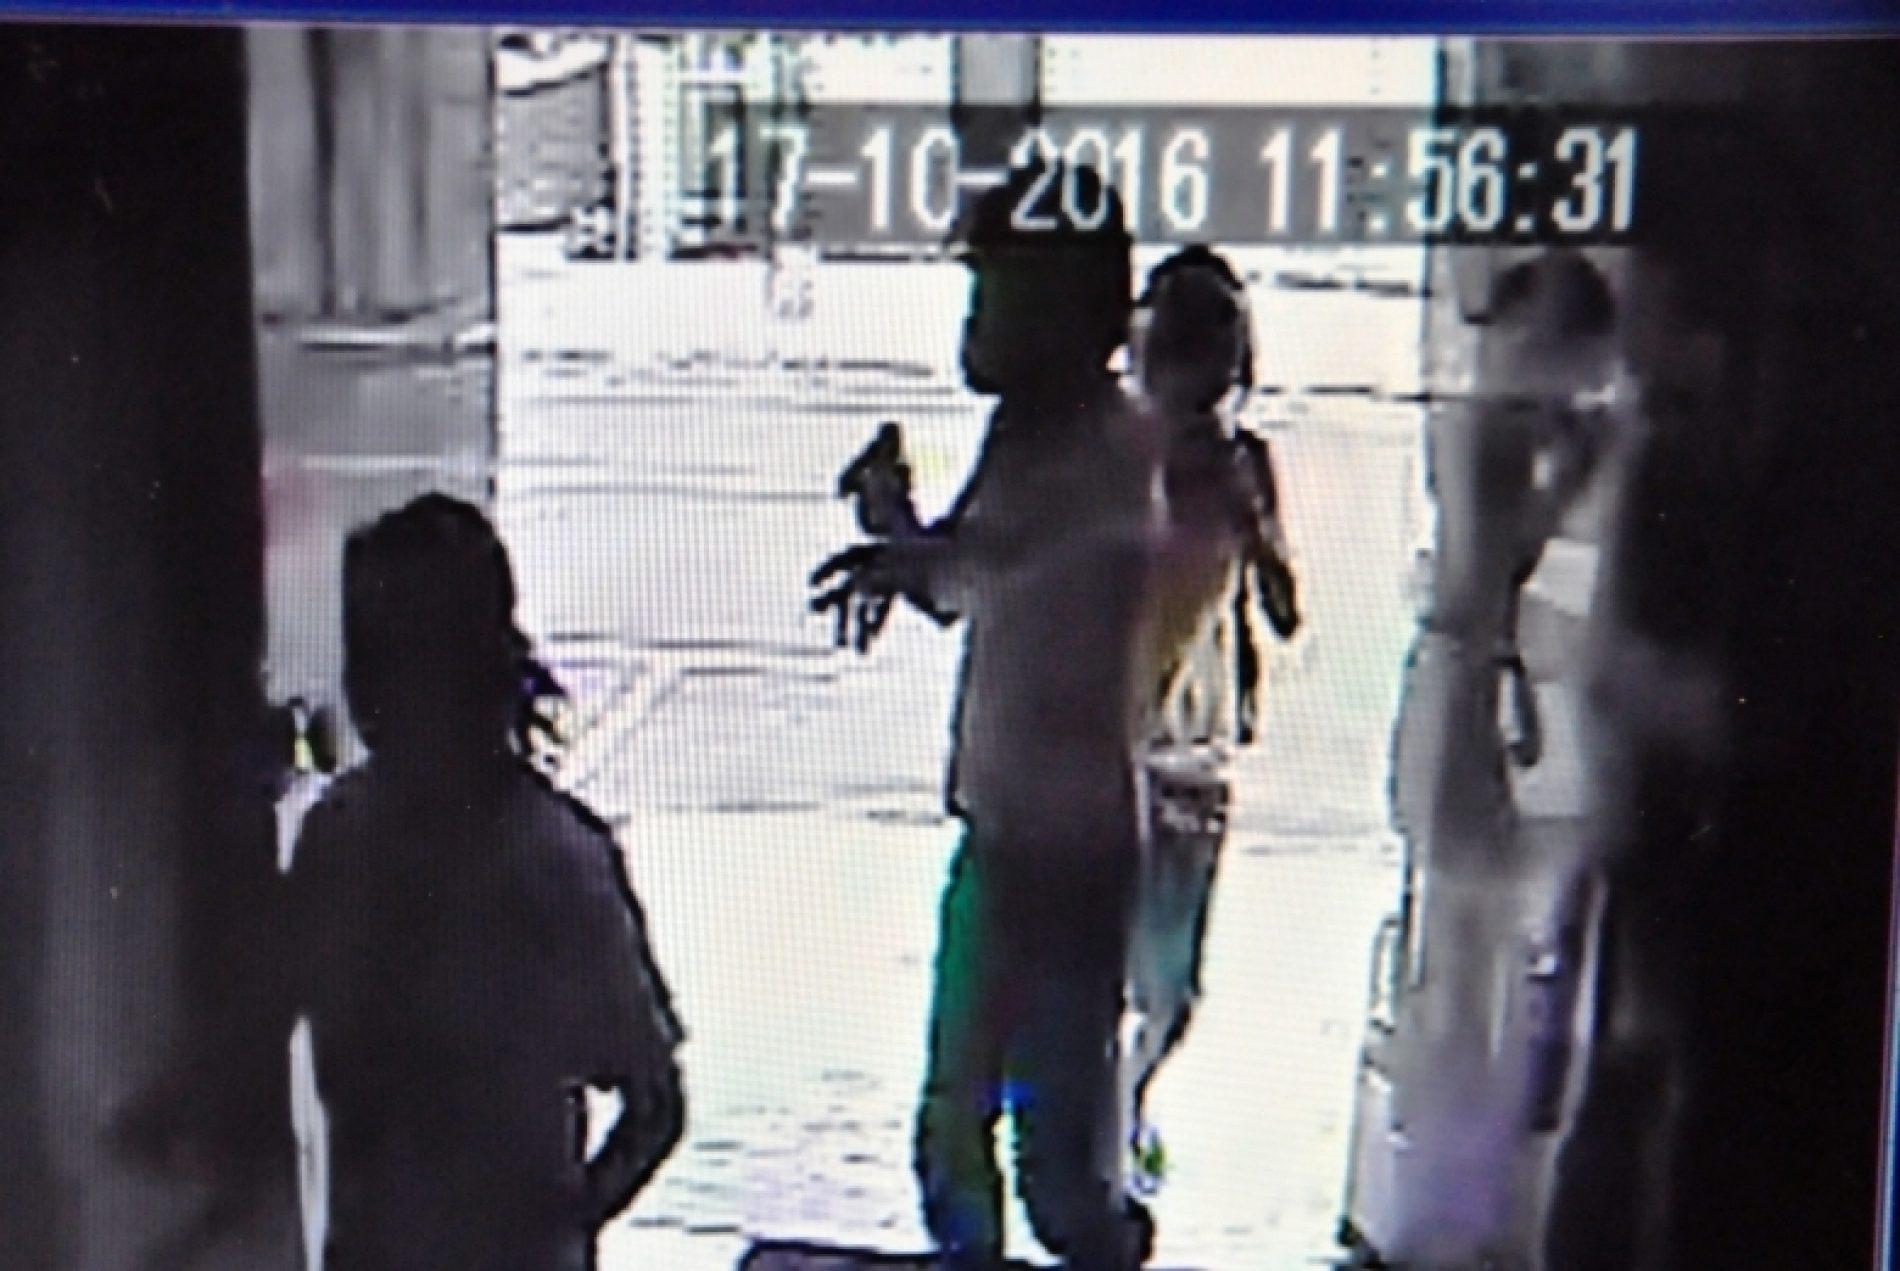 Ladrões armados rendem vítima e prestadores de serviço e em seguida roubam dinheiro, carro, joias e vários objetos em residência no bairro Zequinha Amêndola